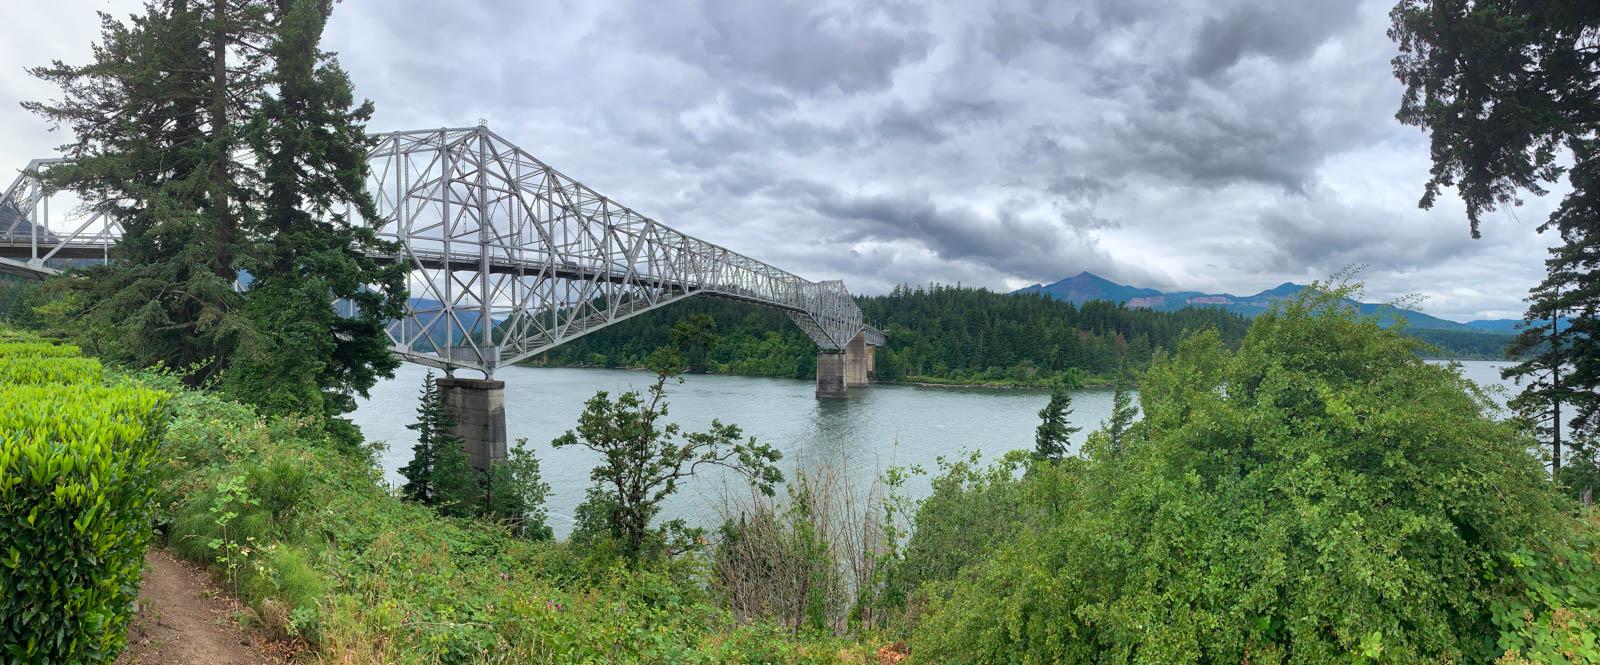 Bridge of the Gods on Columbia River